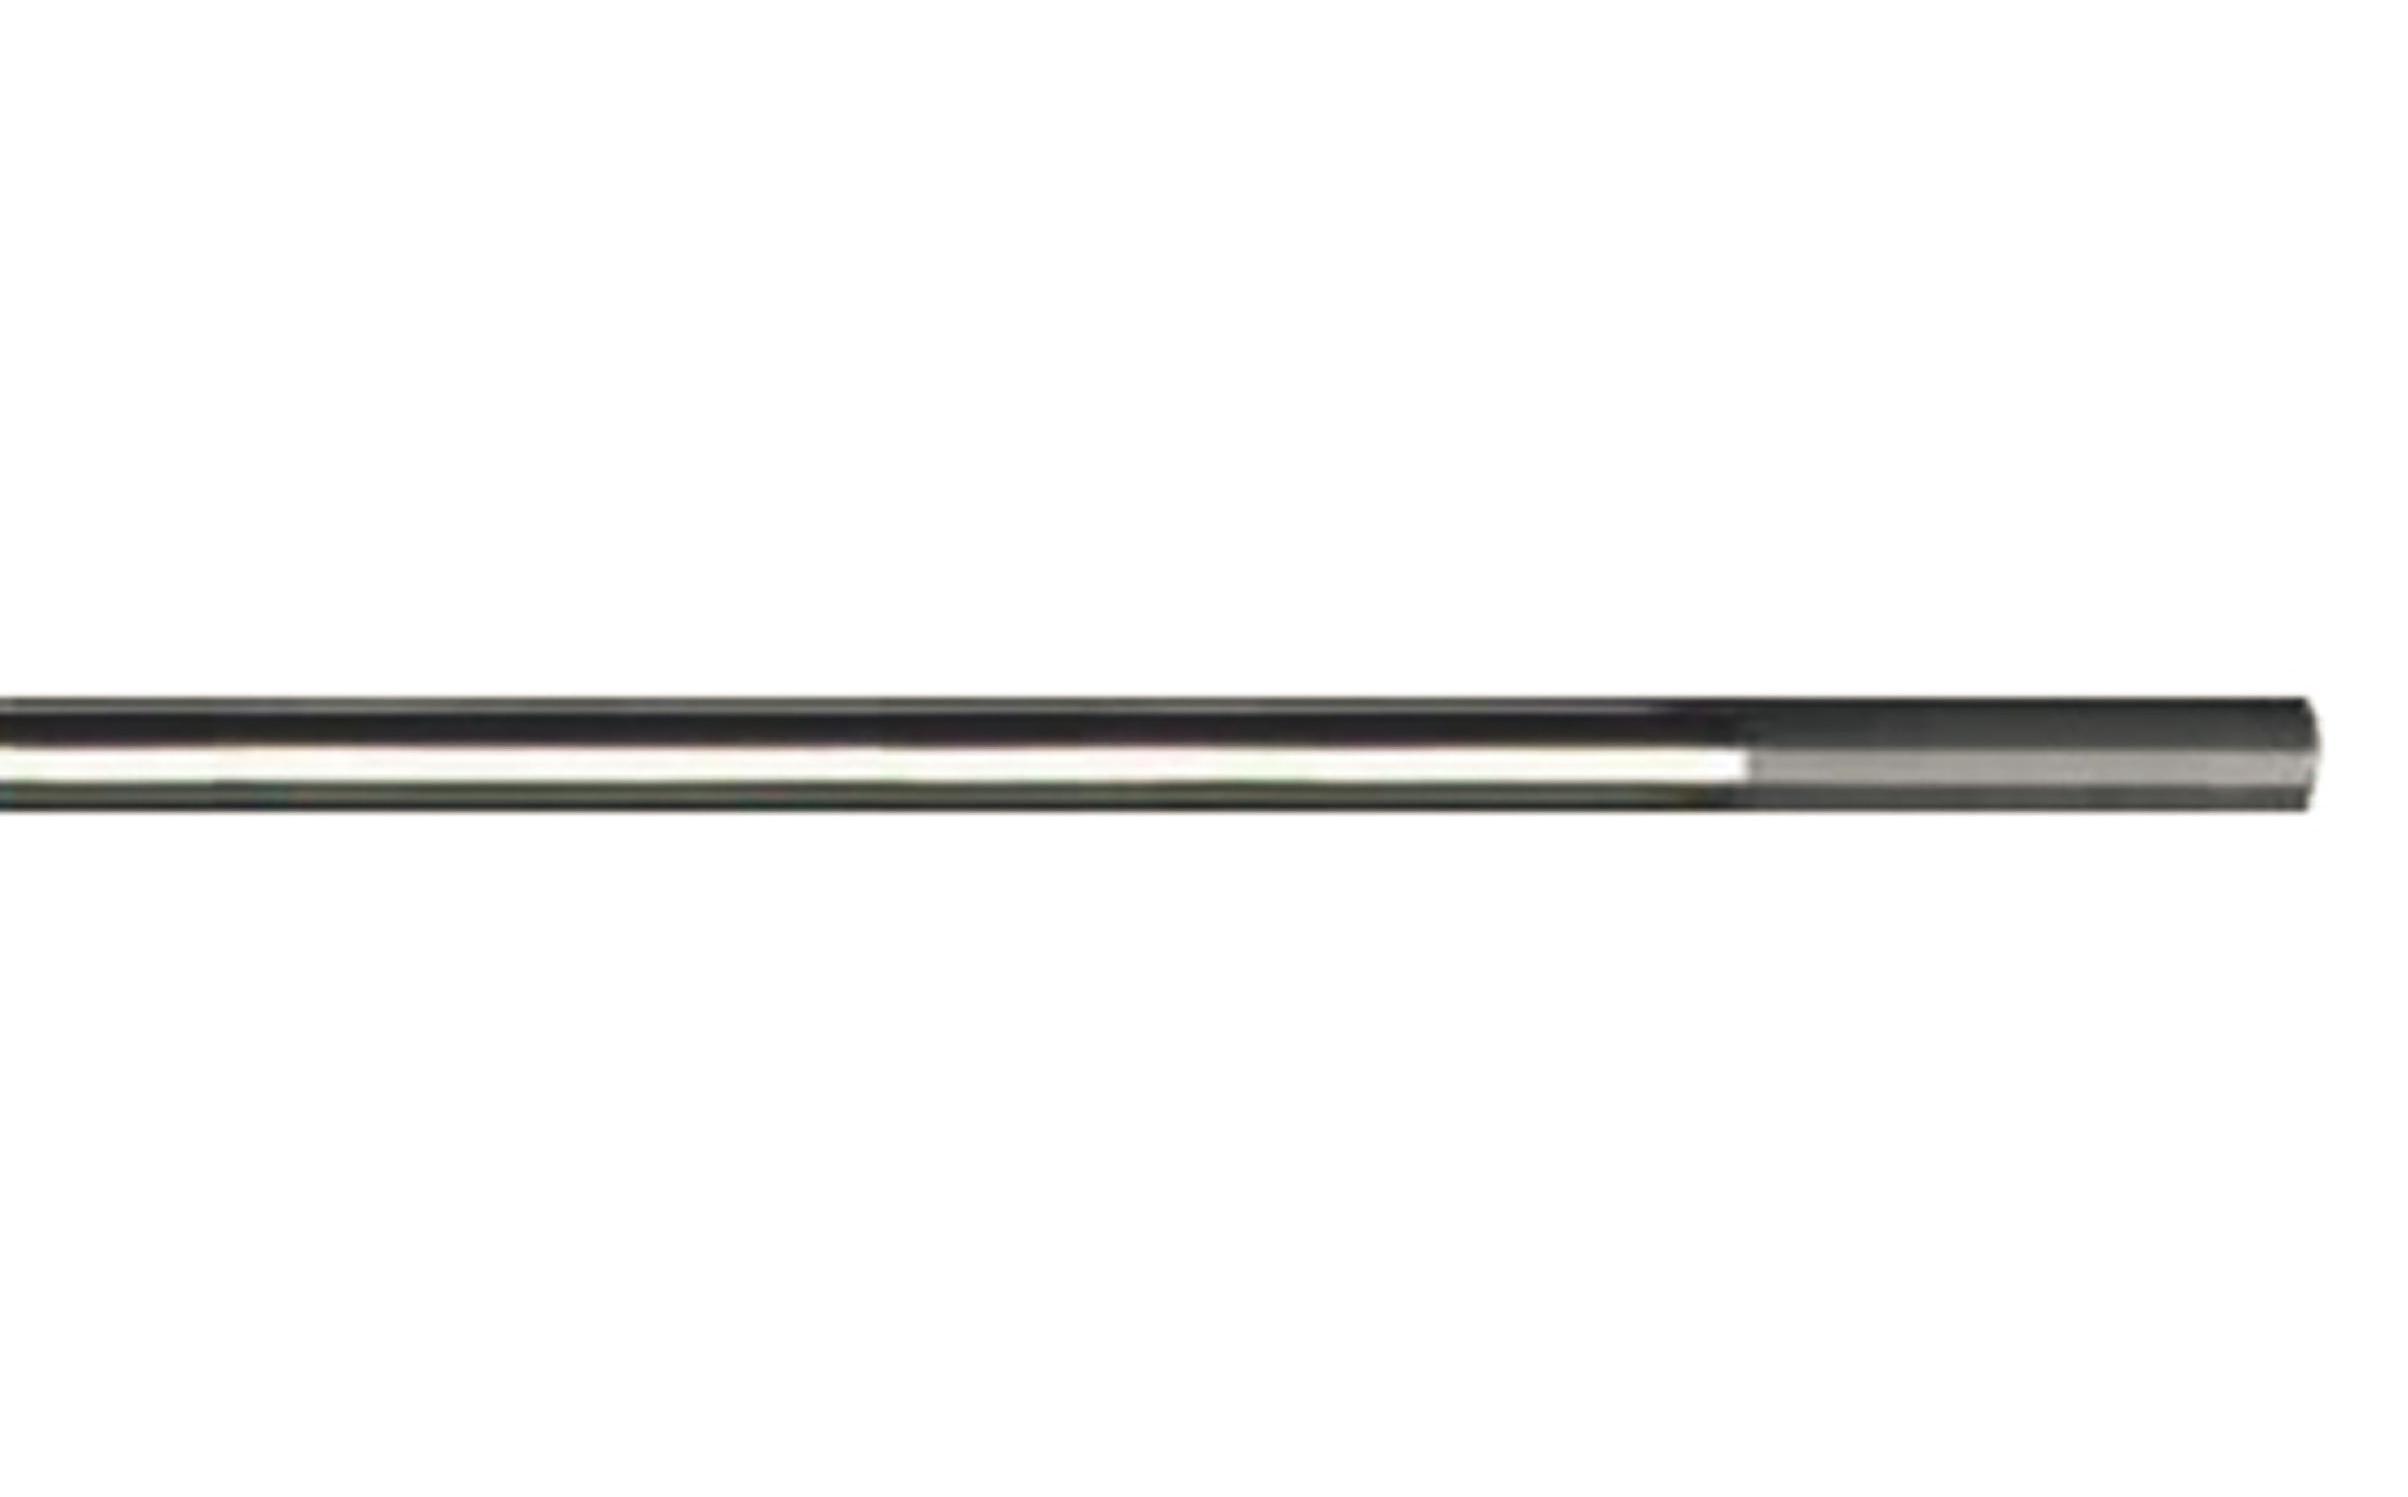 Купить Электроды для сварки Gce Wc-20 (400p524175sb)